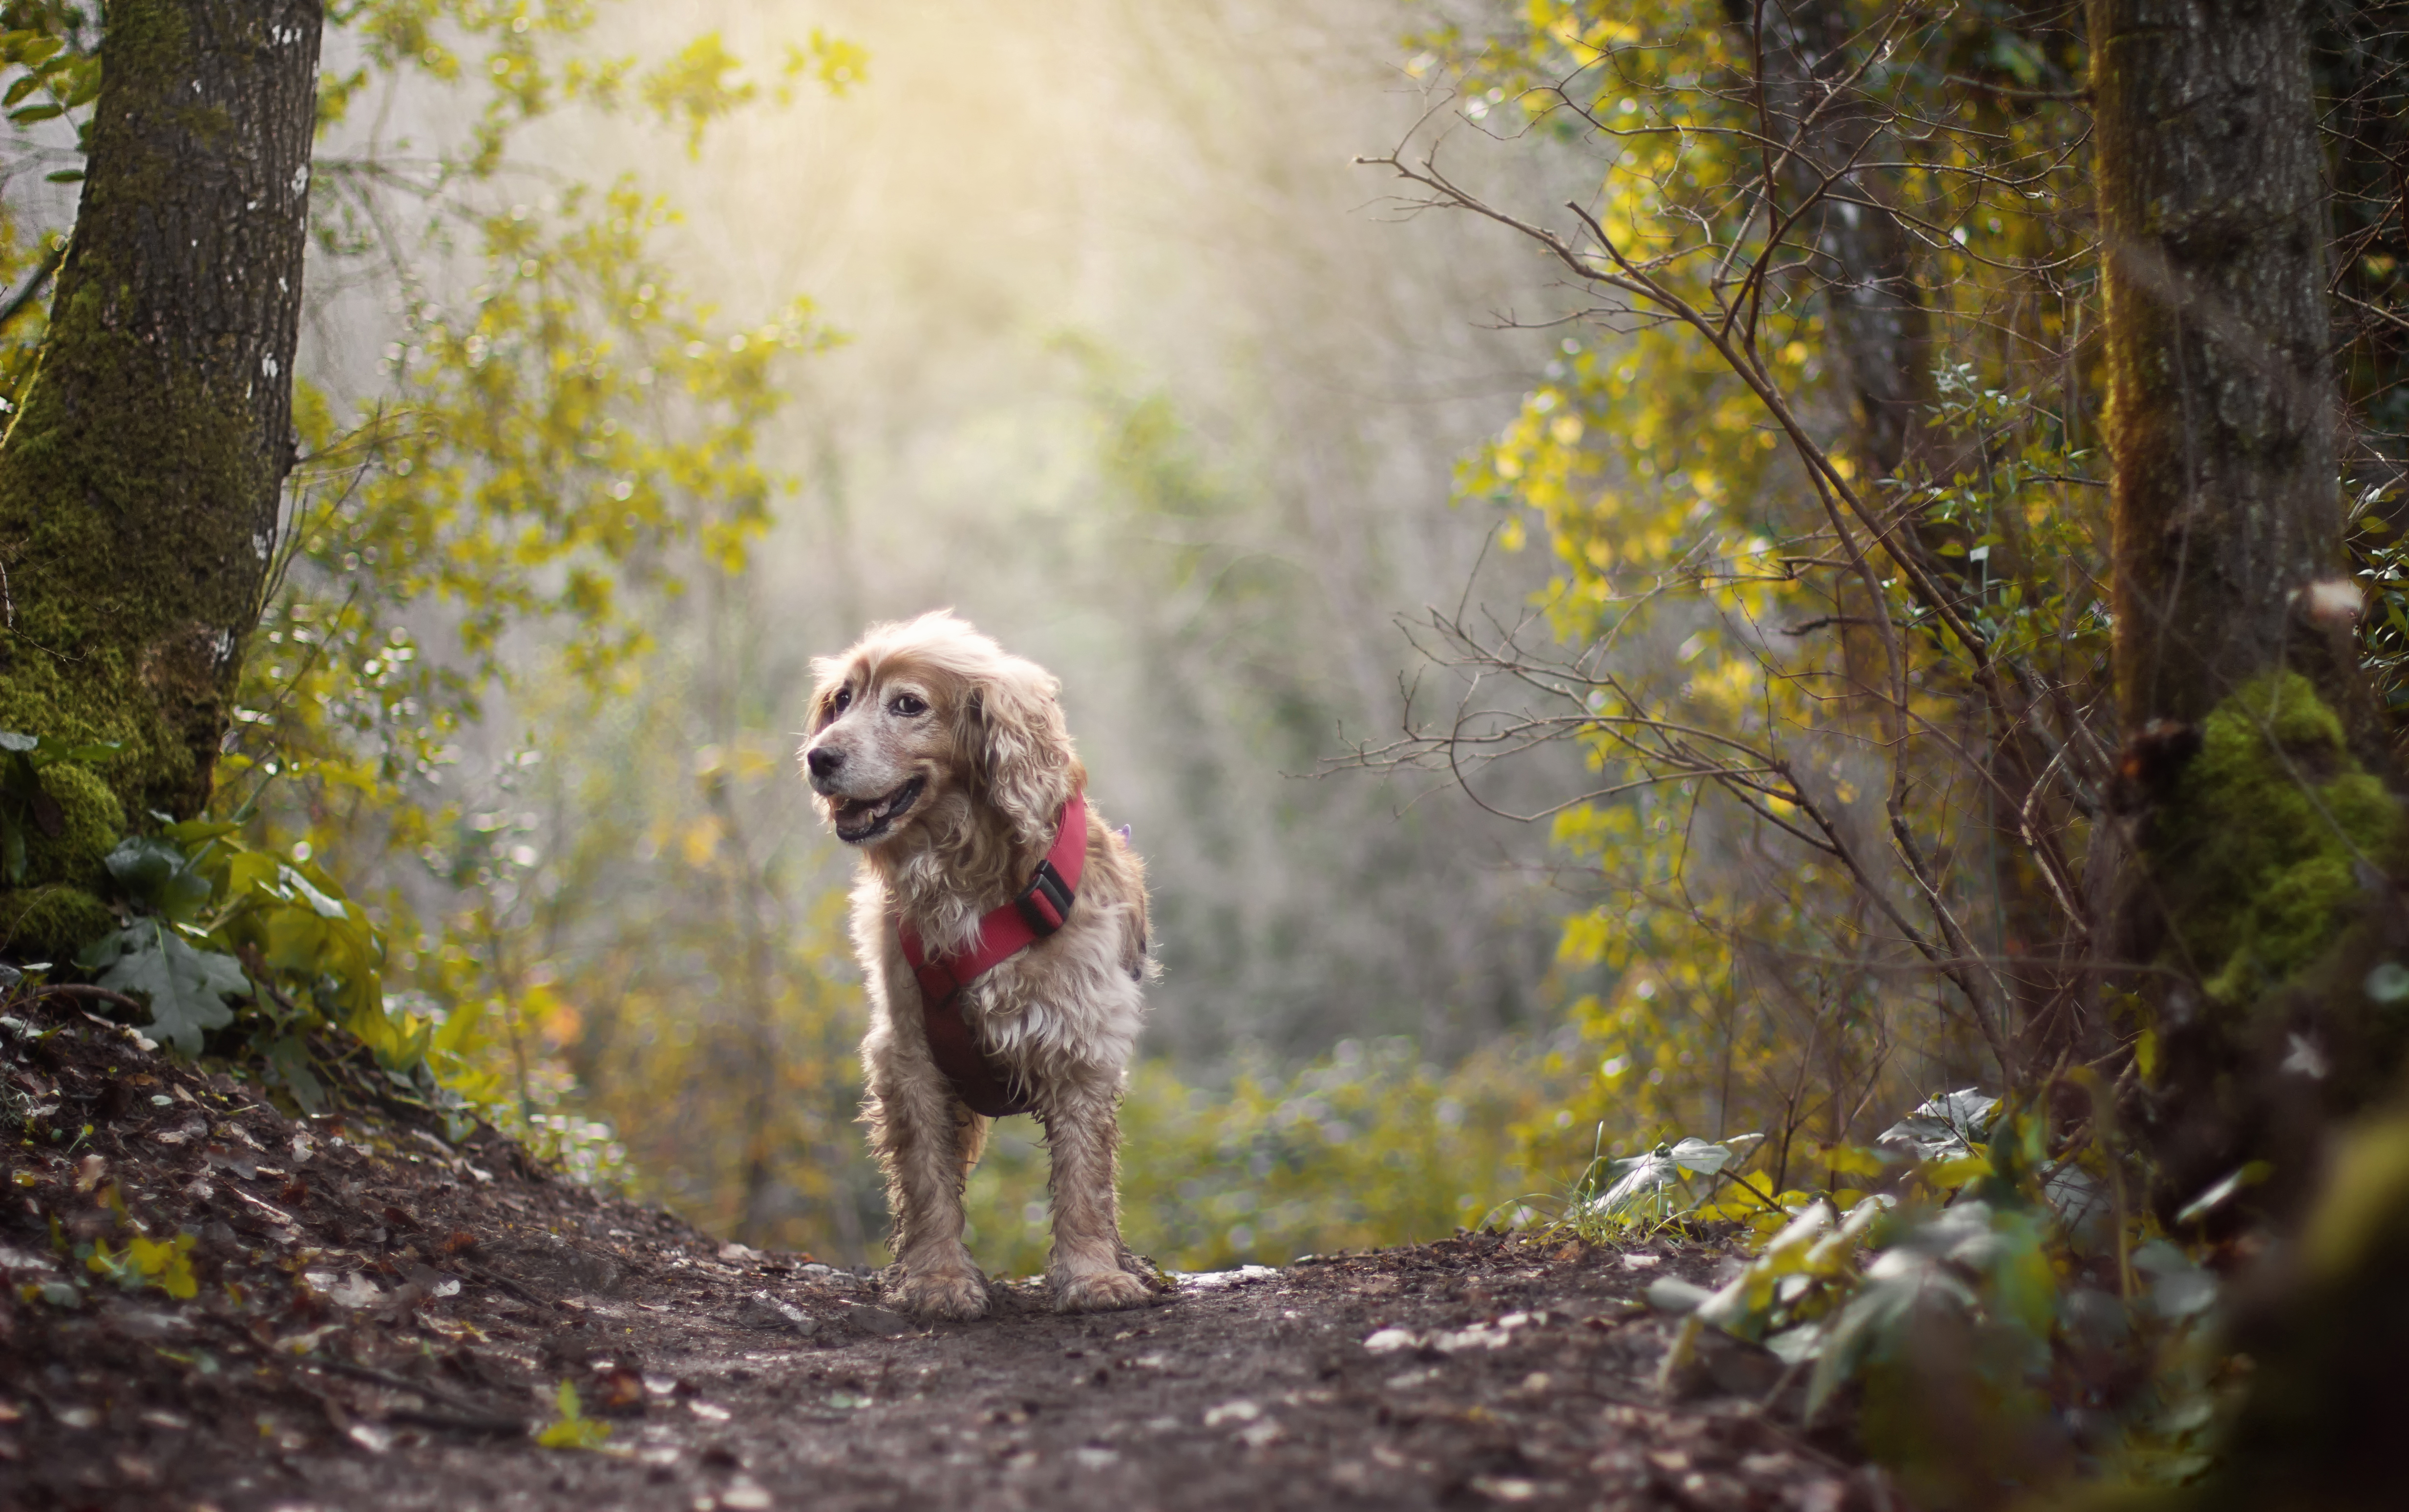 собака дерево лес  № 1114294 бесплатно